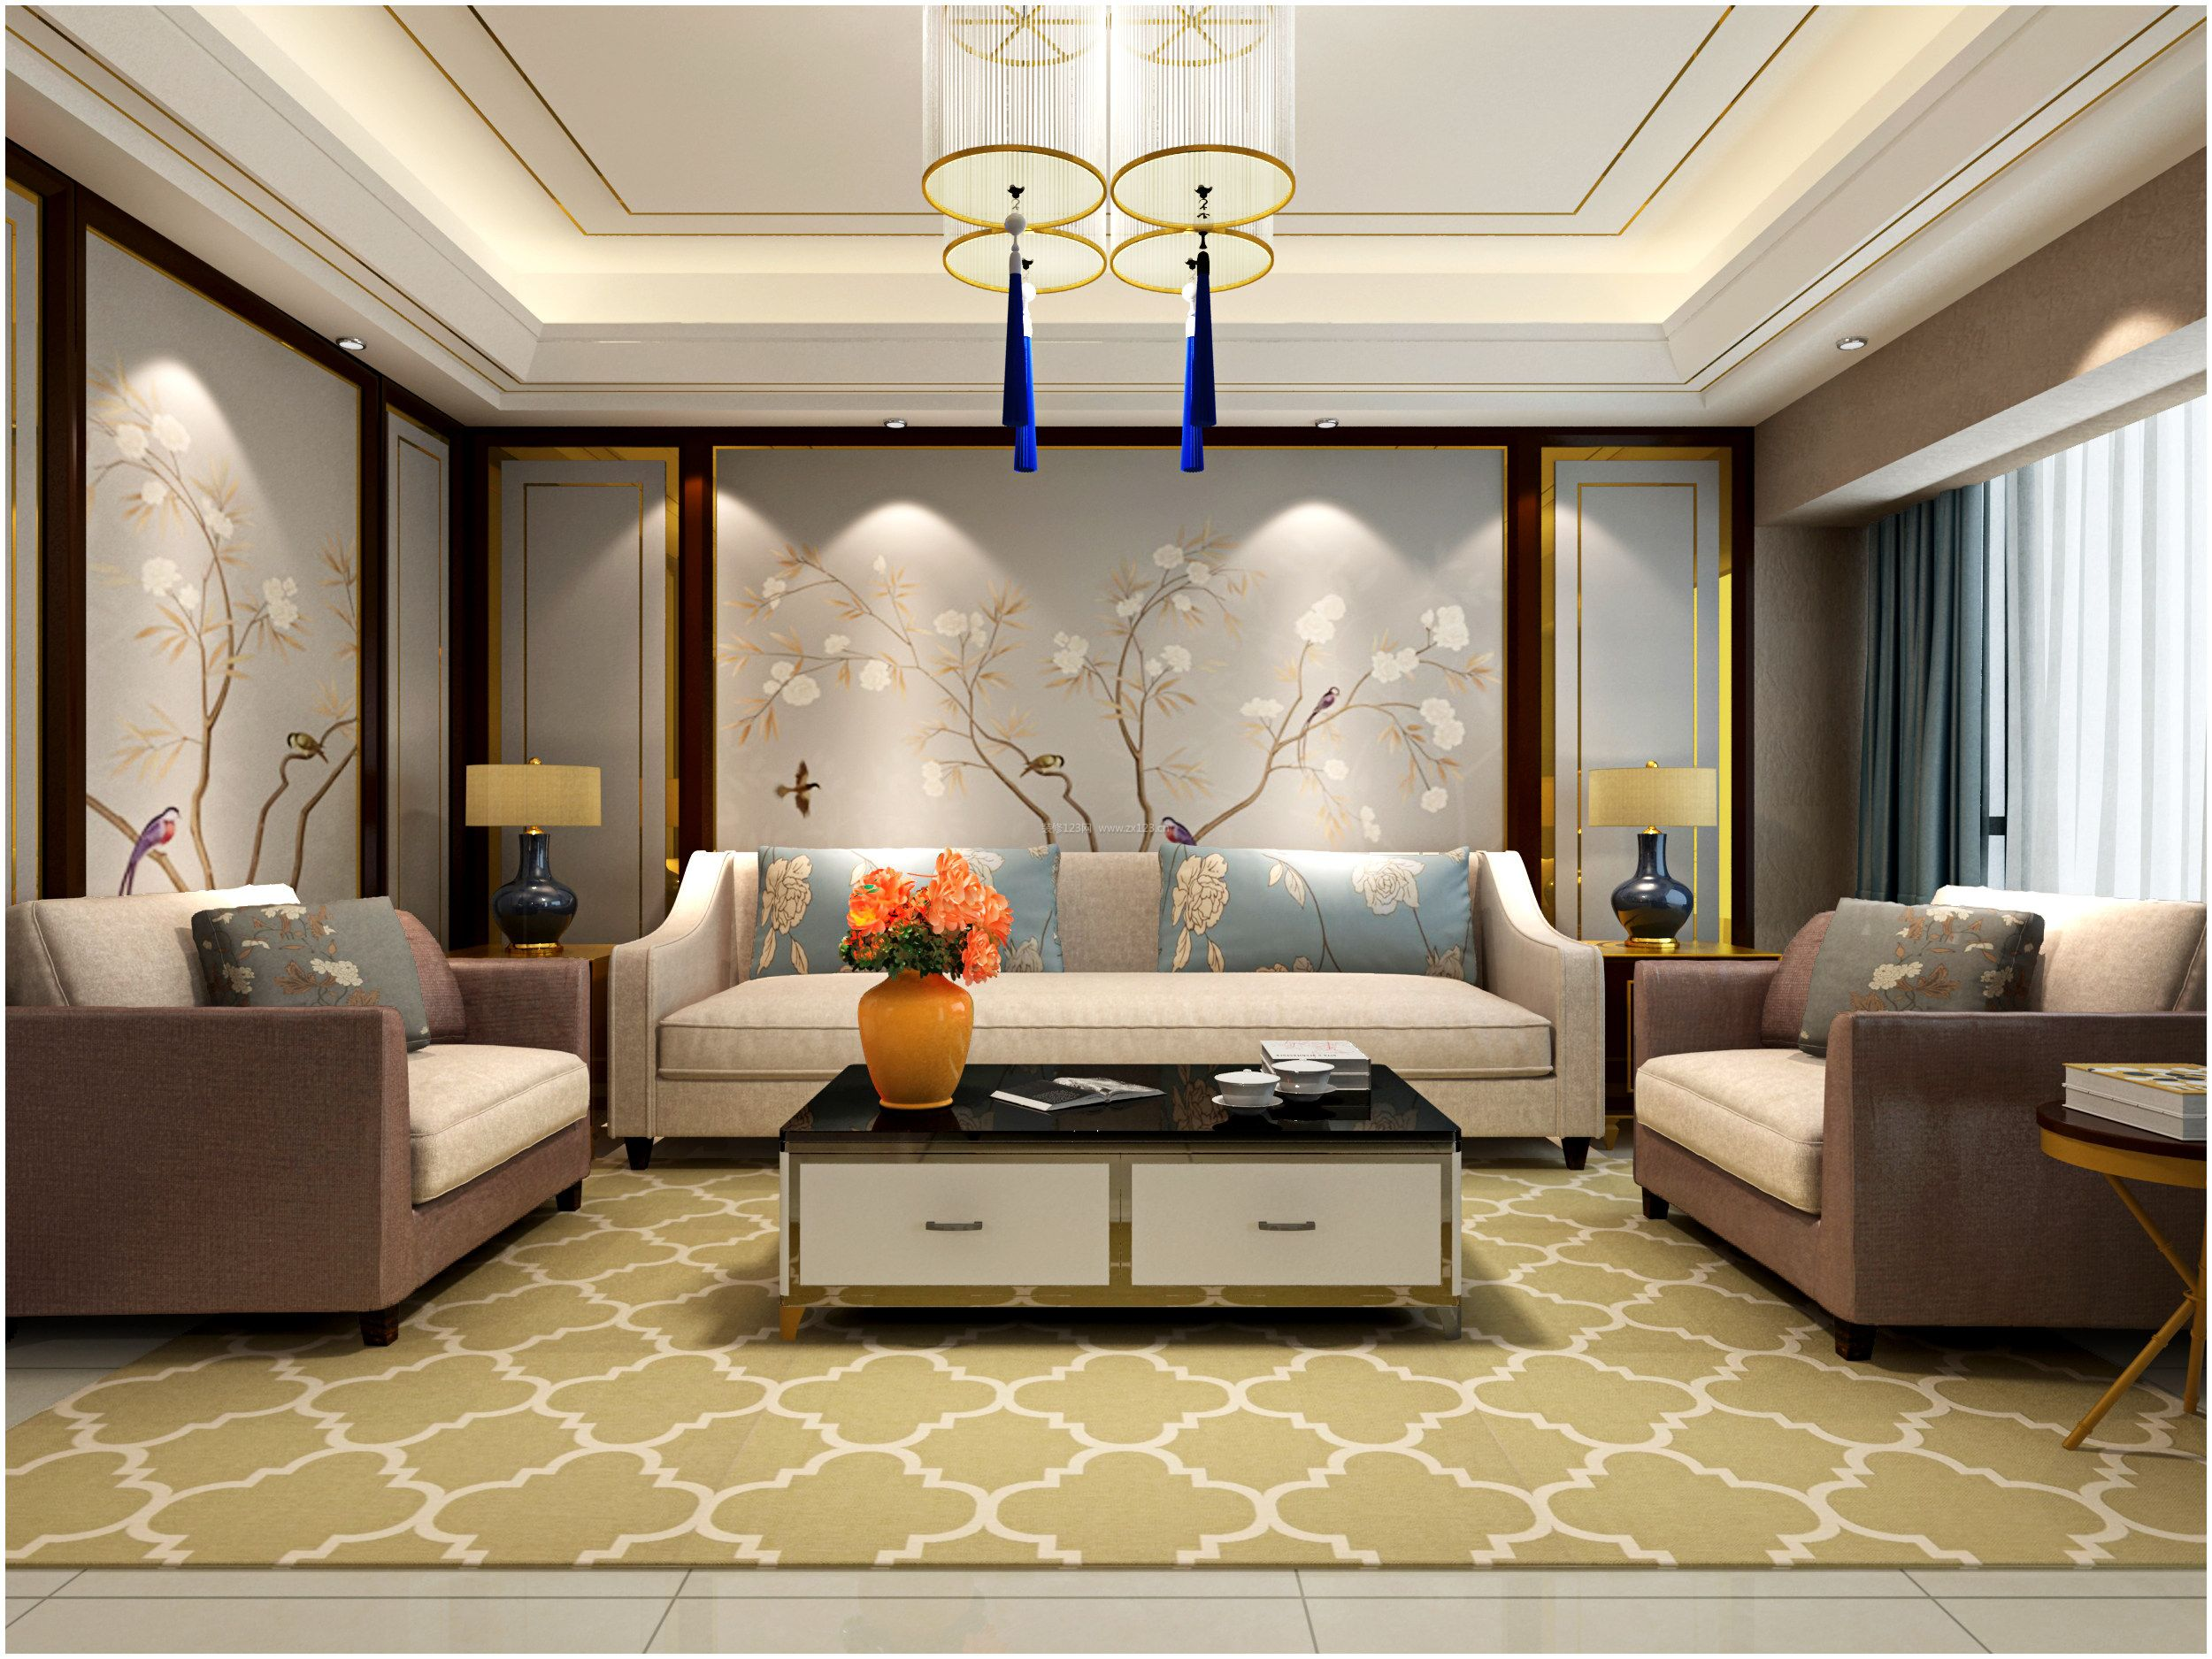 家装效果图 中式 新中式客厅沙发背景墙装修效果图大全 提供者:   ←图片